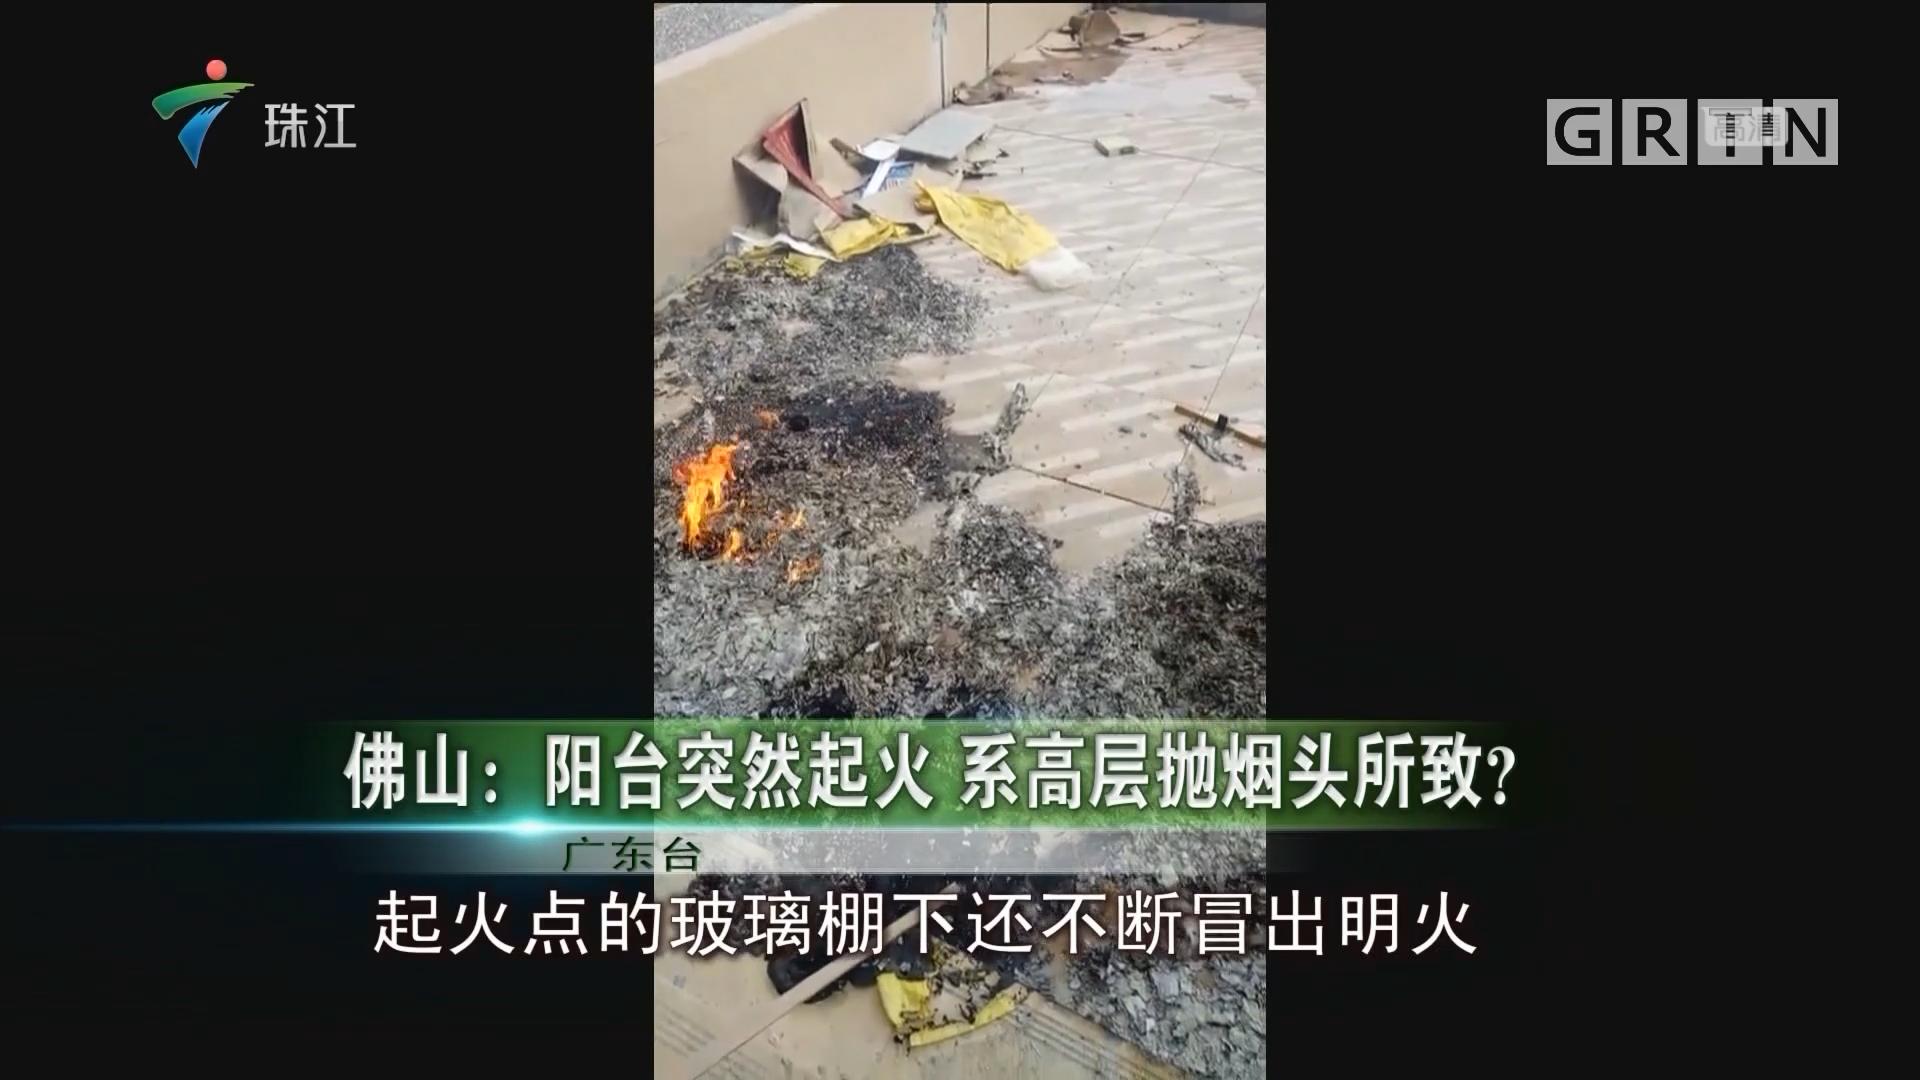 佛山:阳台突然起火 系高层抛烟头所致?